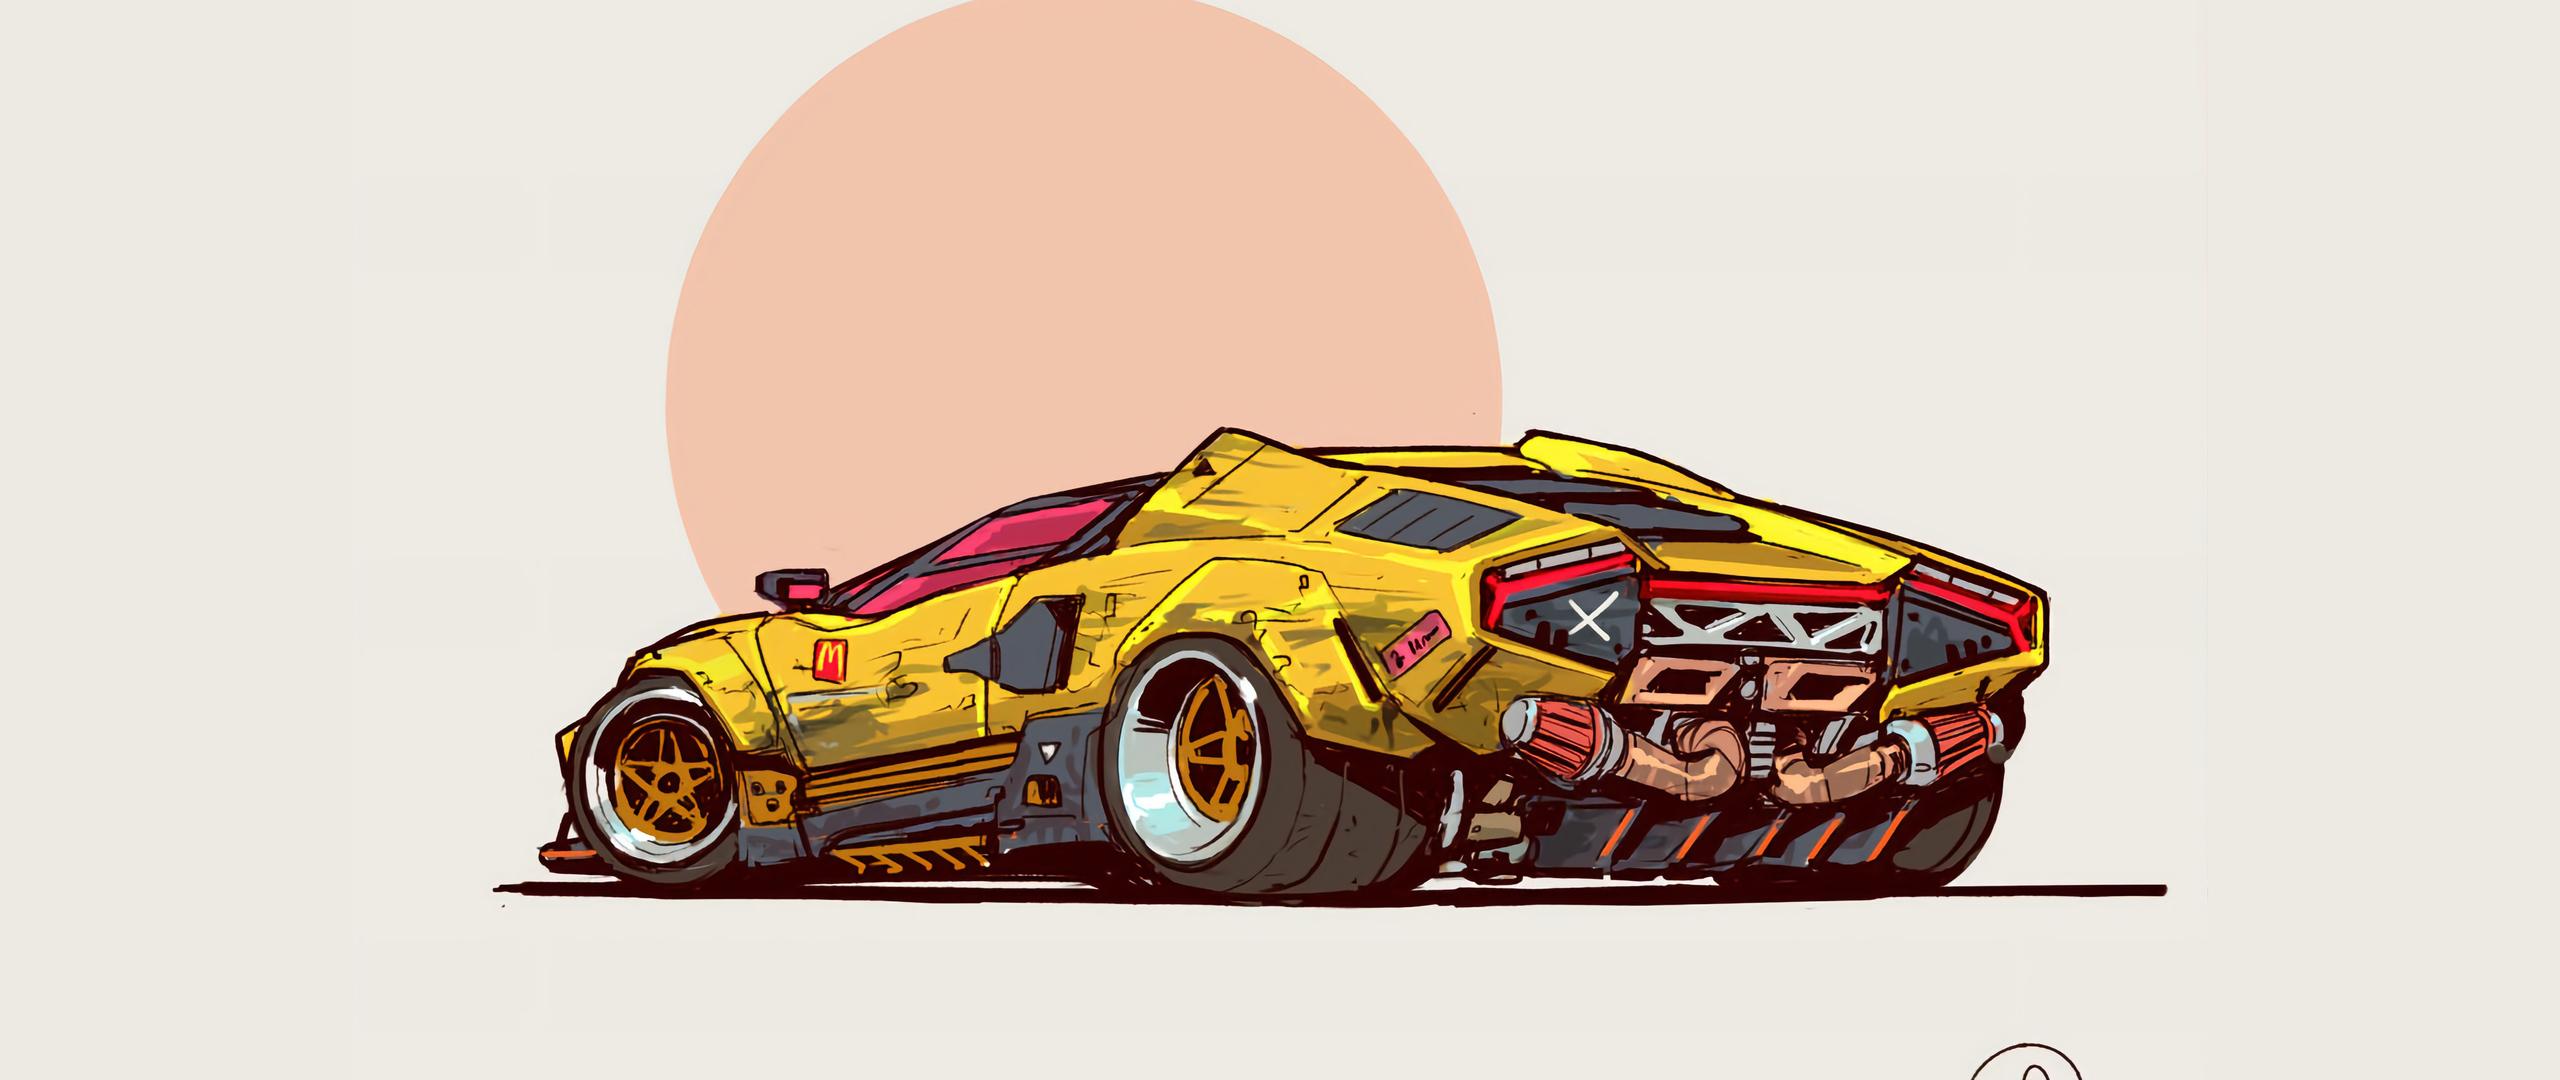 future-shock-cyberpunk-car-4k-2b.jpg